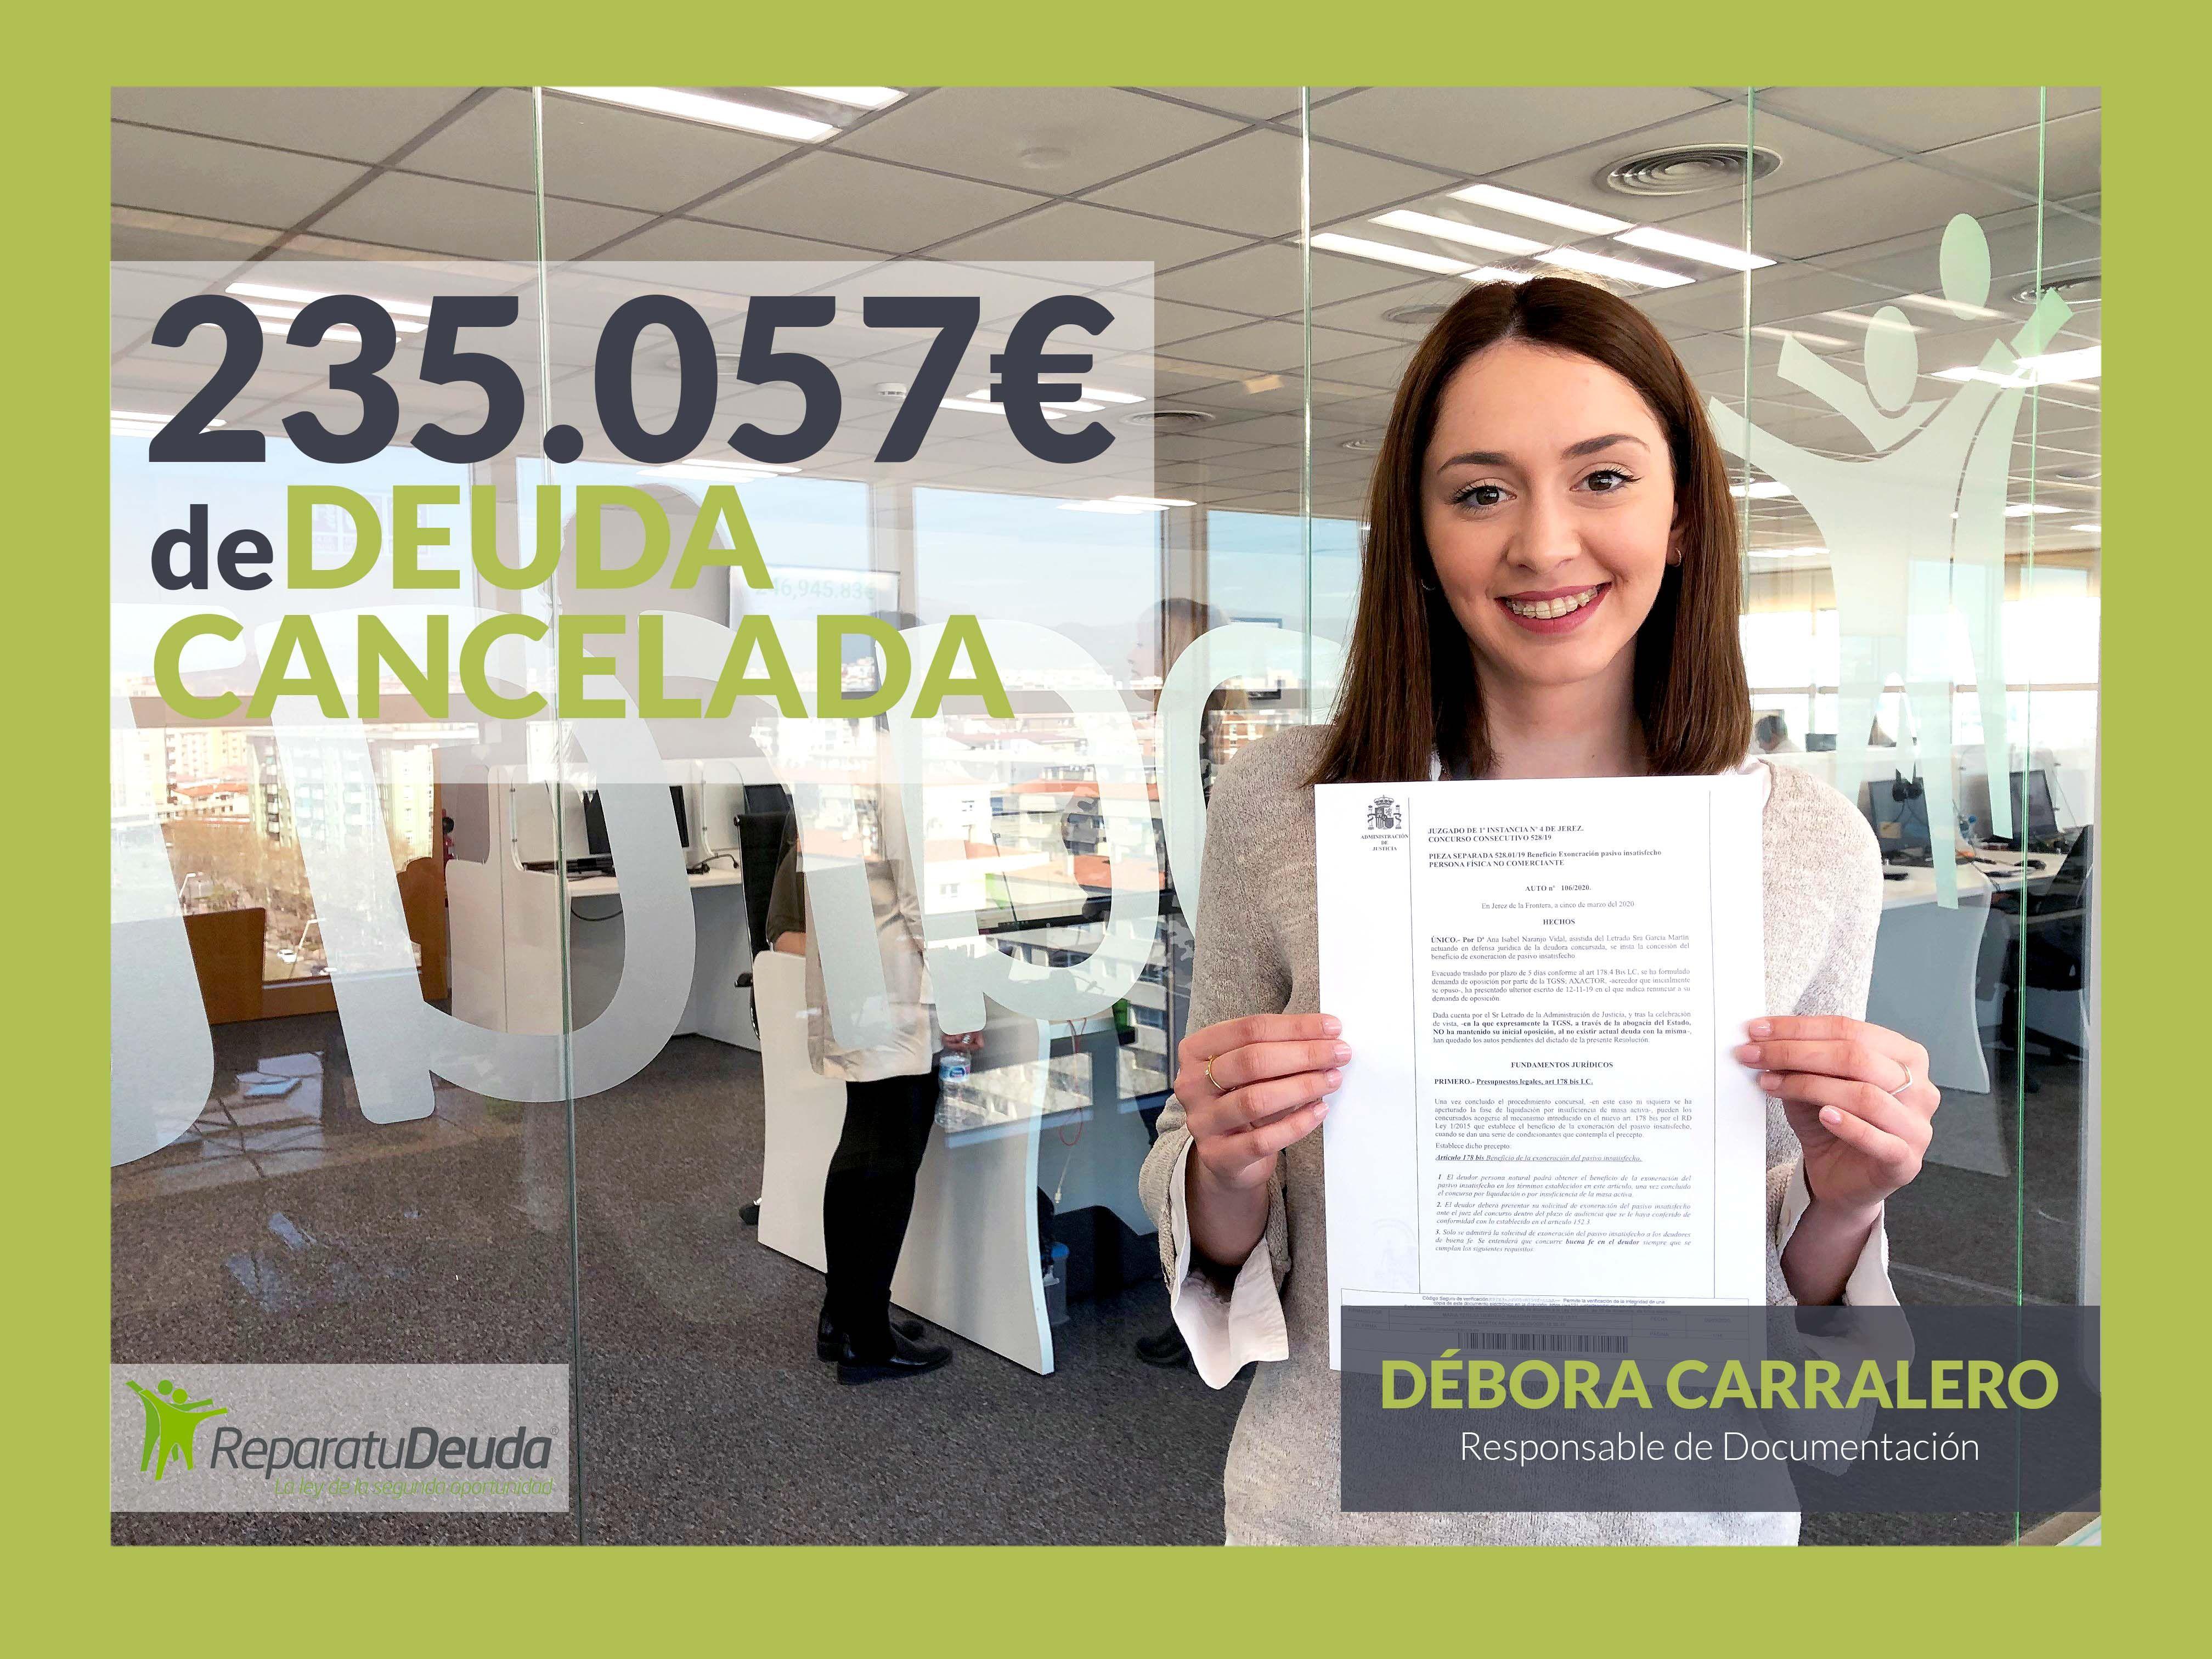 Fotografia Debora Carralero, asesora especialista en la ley de la